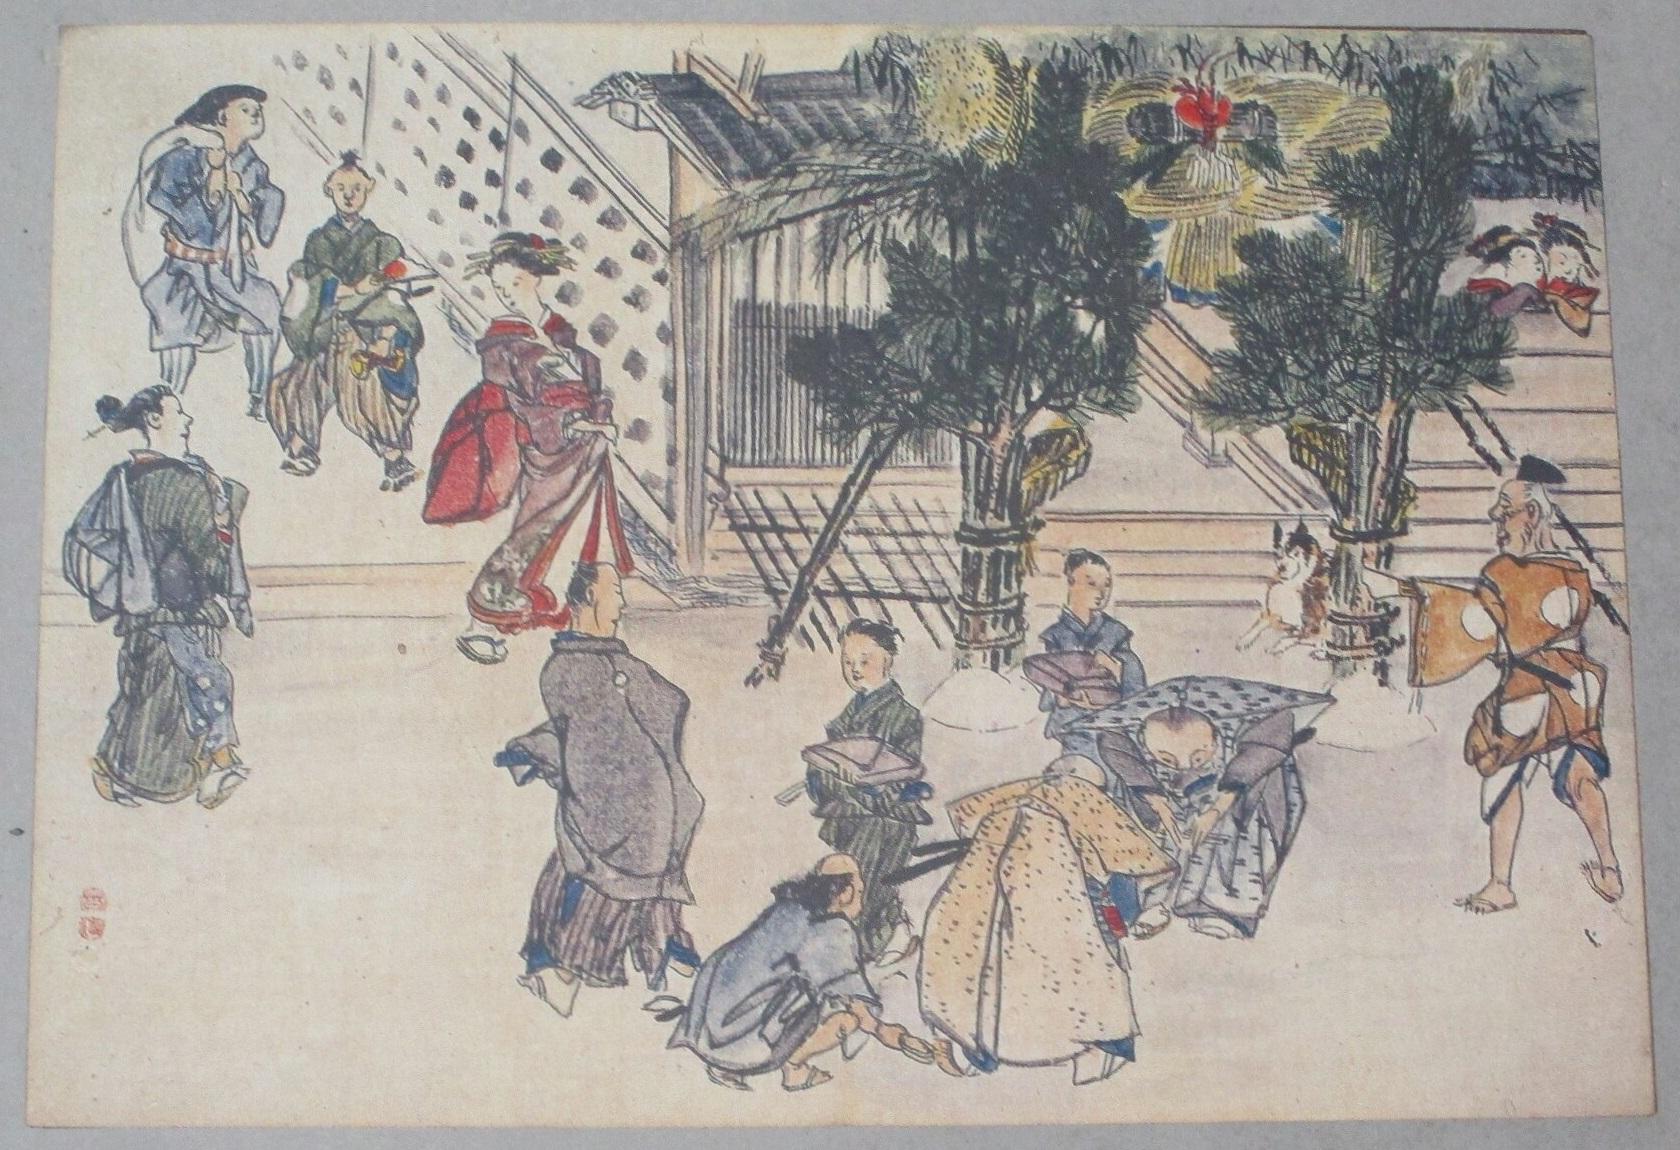 2019.4.29 (10) 「名古屋で三河万才」のえ 1680-1150